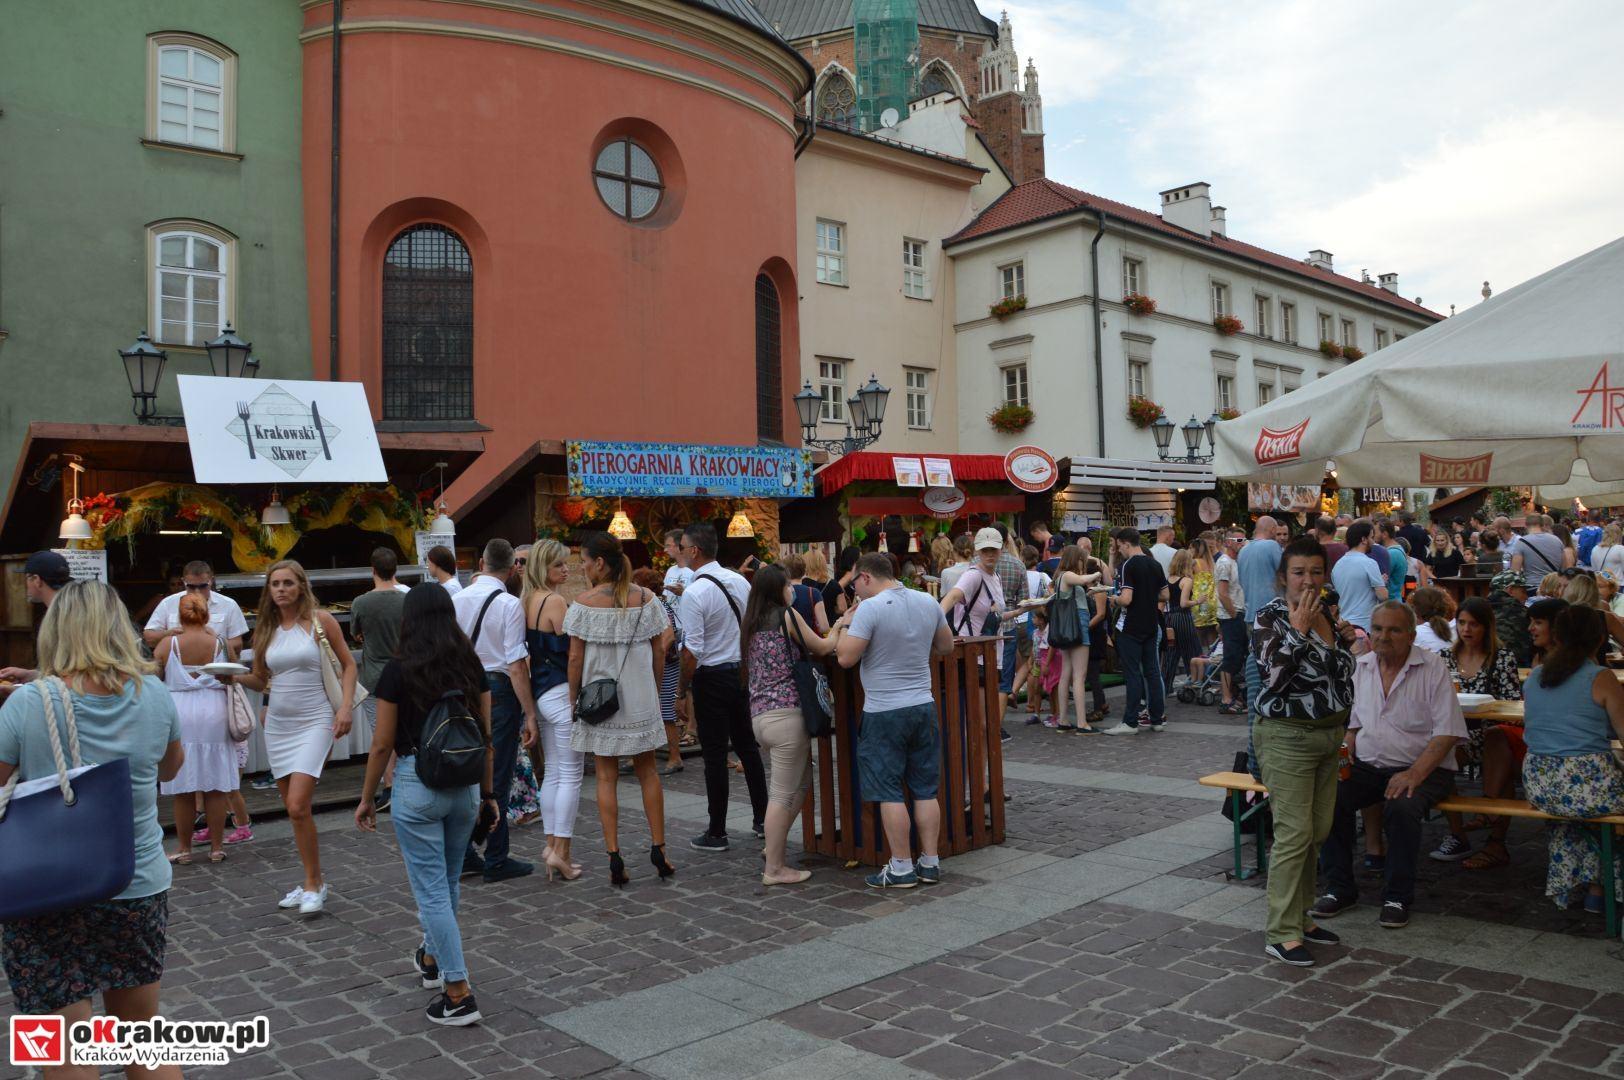 krakow festiwal pierogow maly rynek koncert cheap tobacco 68 150x150 - Galeria zdjęć Festiwal Pierogów Kraków 2018 + zdjęcia z koncertu Cheap Tobacco